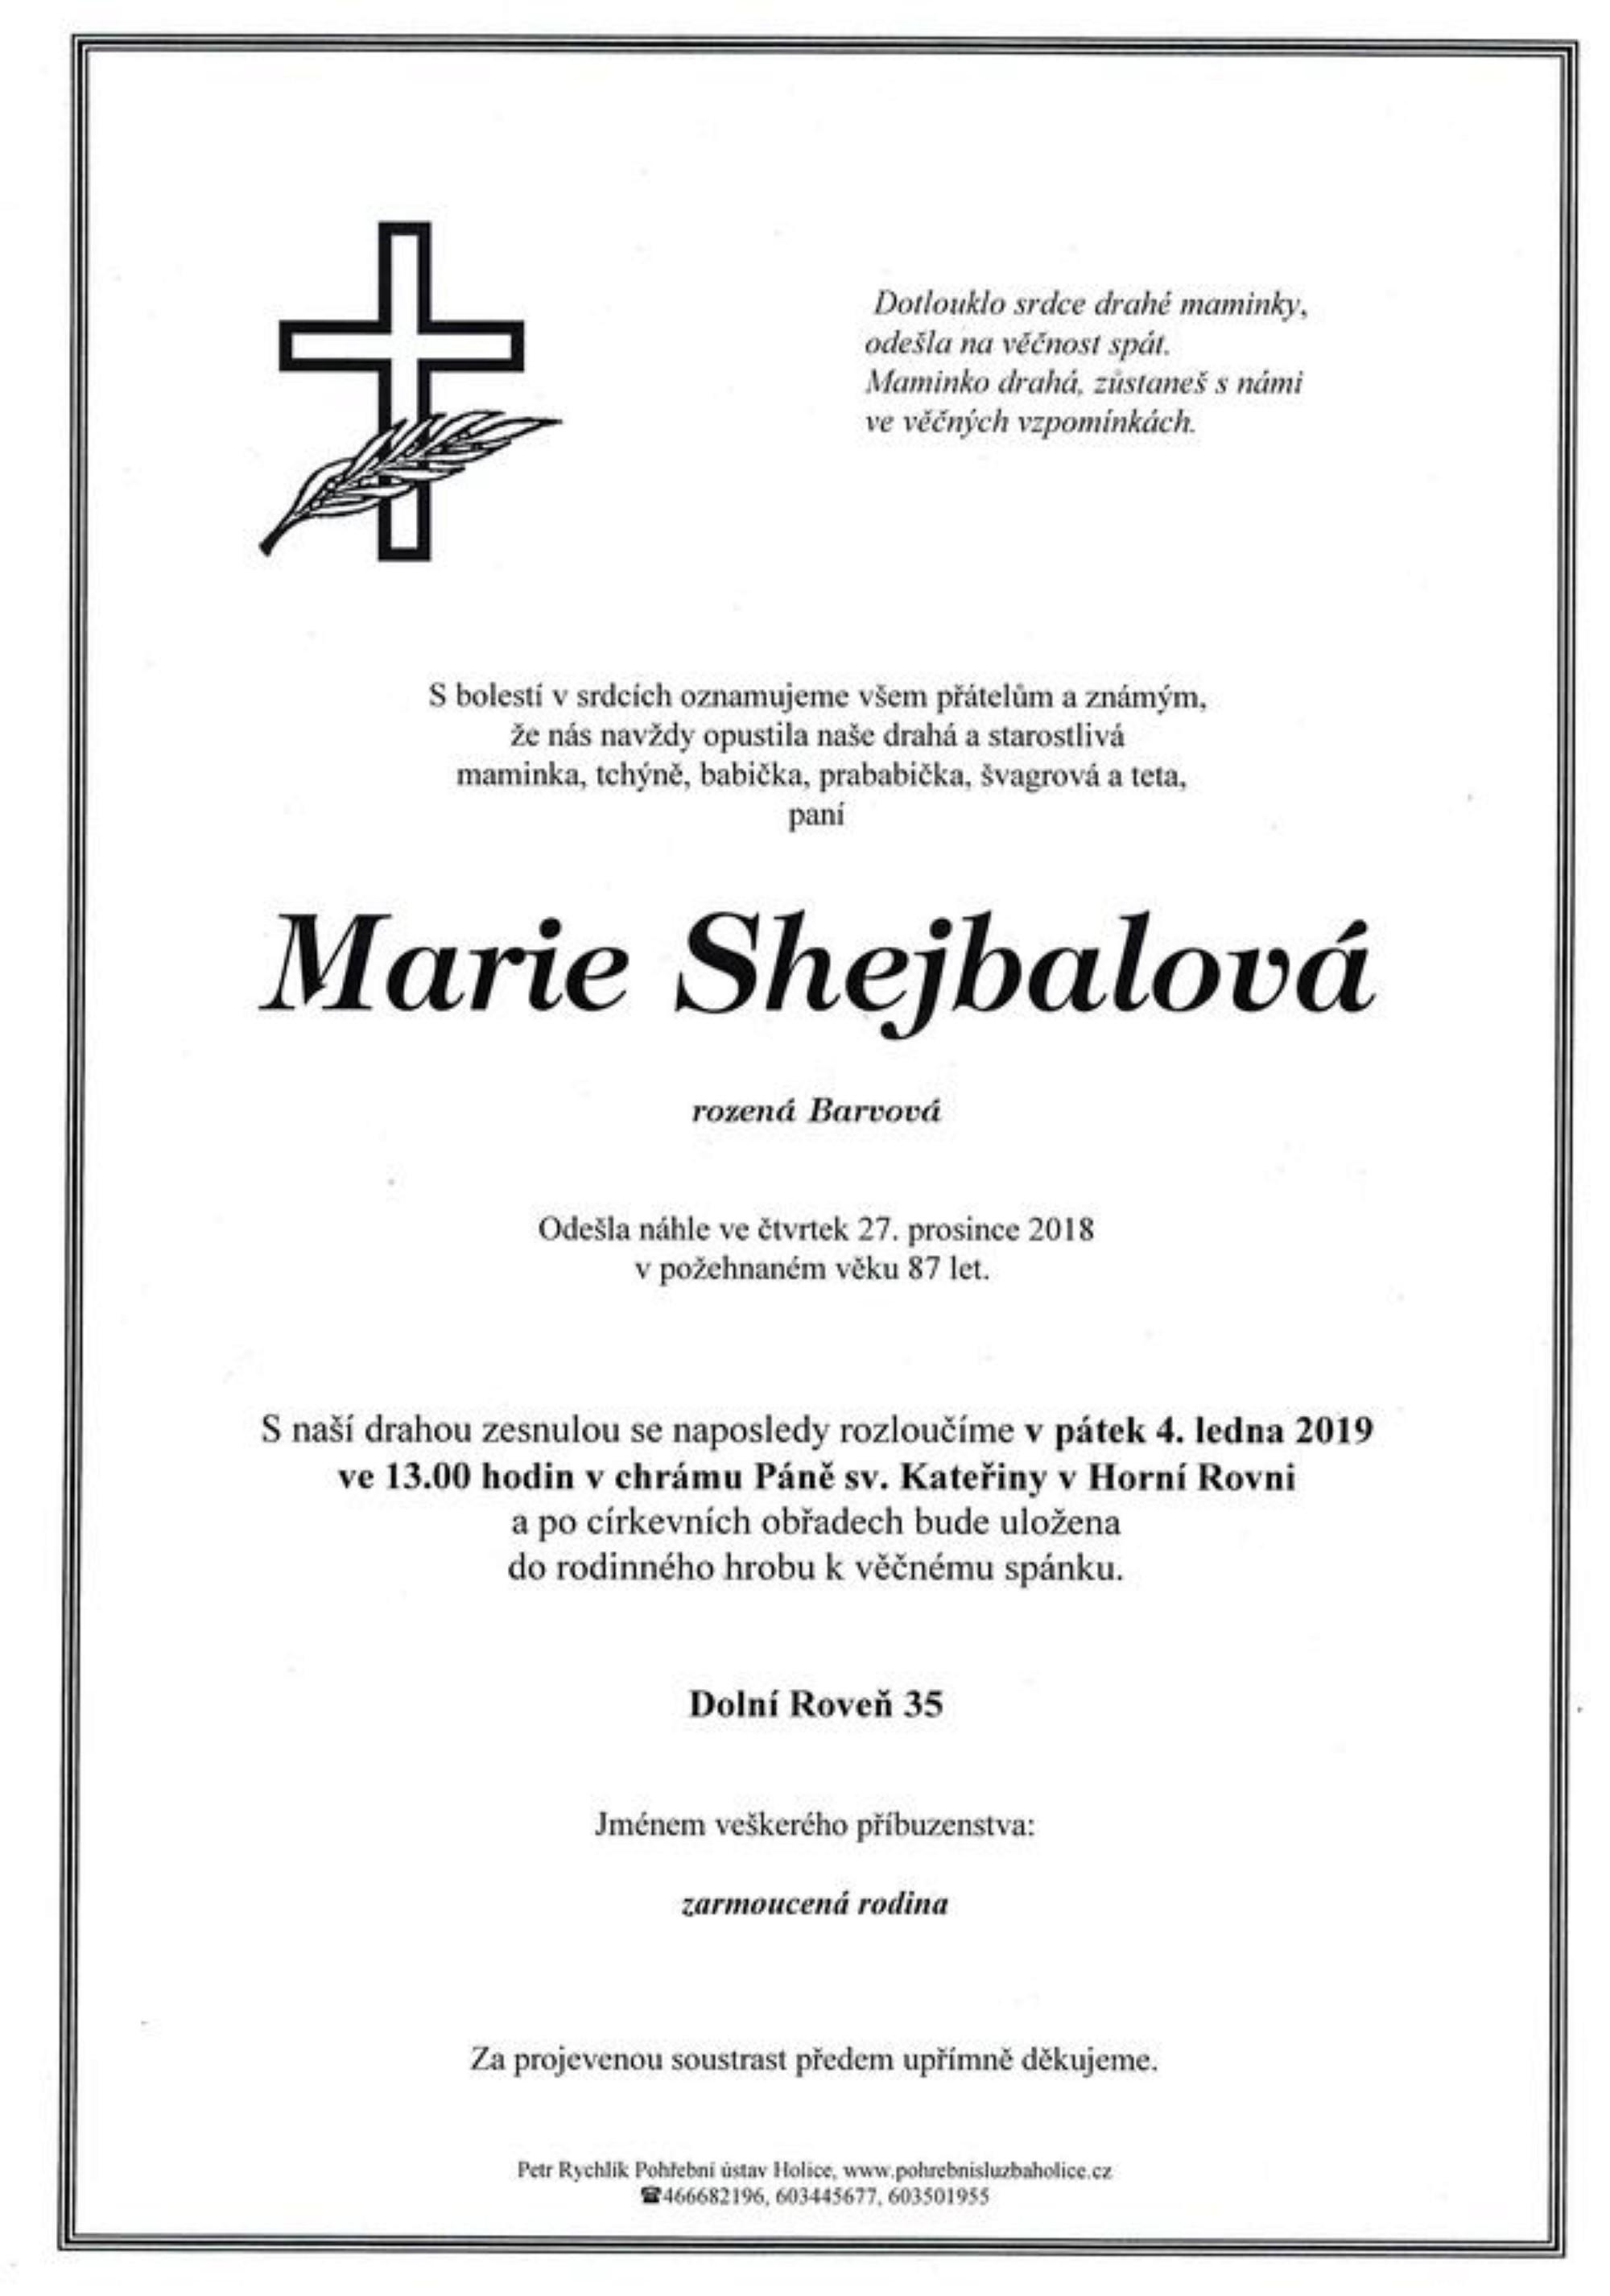 Marie Shejbalová